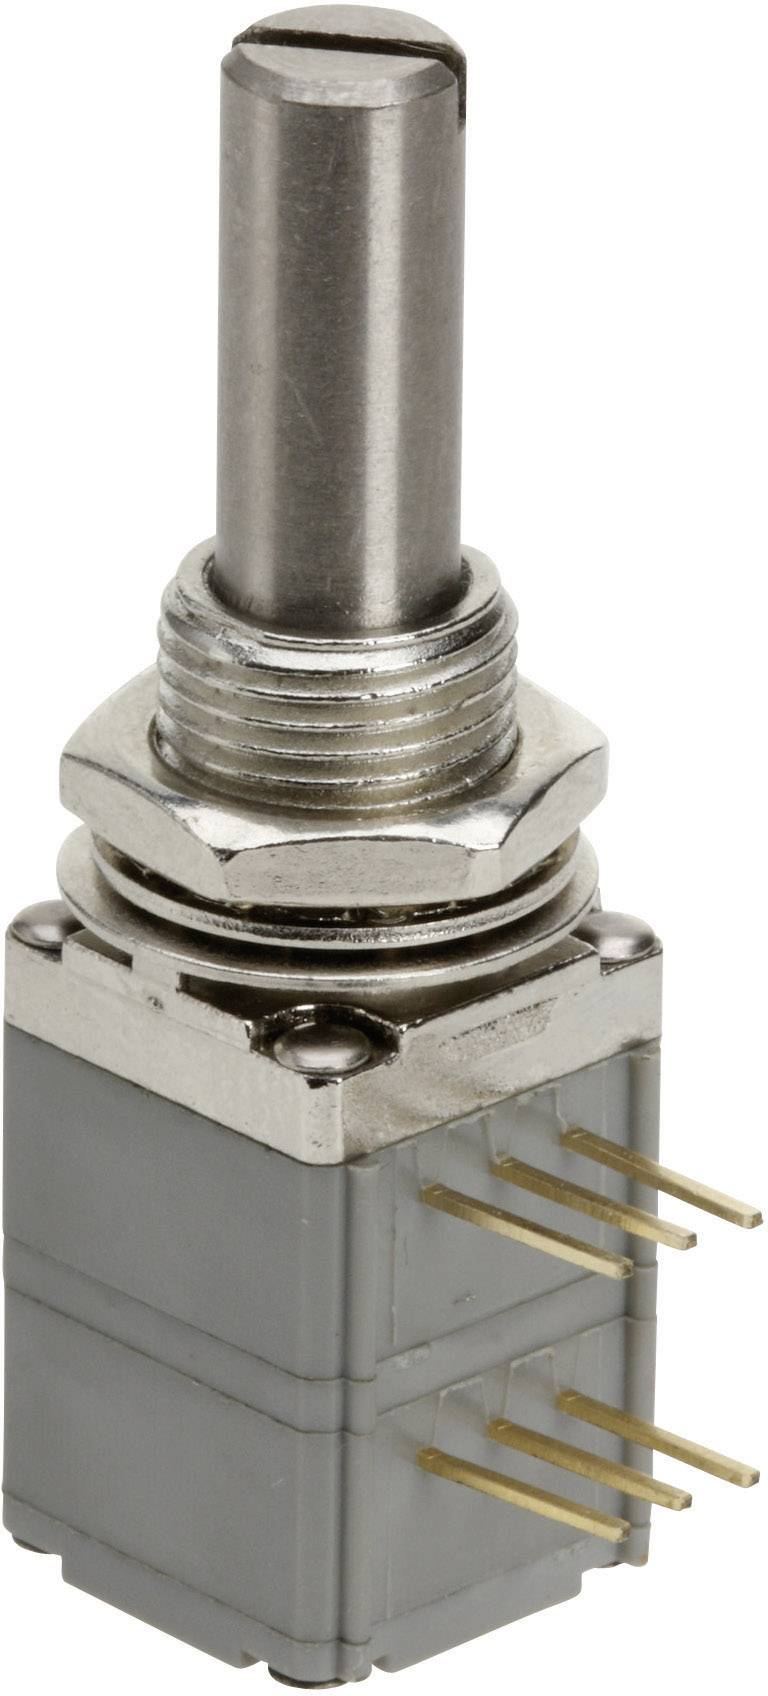 Vodivý plastový potenciometer TT Electronics AB P260S-D1BS4A B-100 KR mono, 100 kOhm, 1 ks